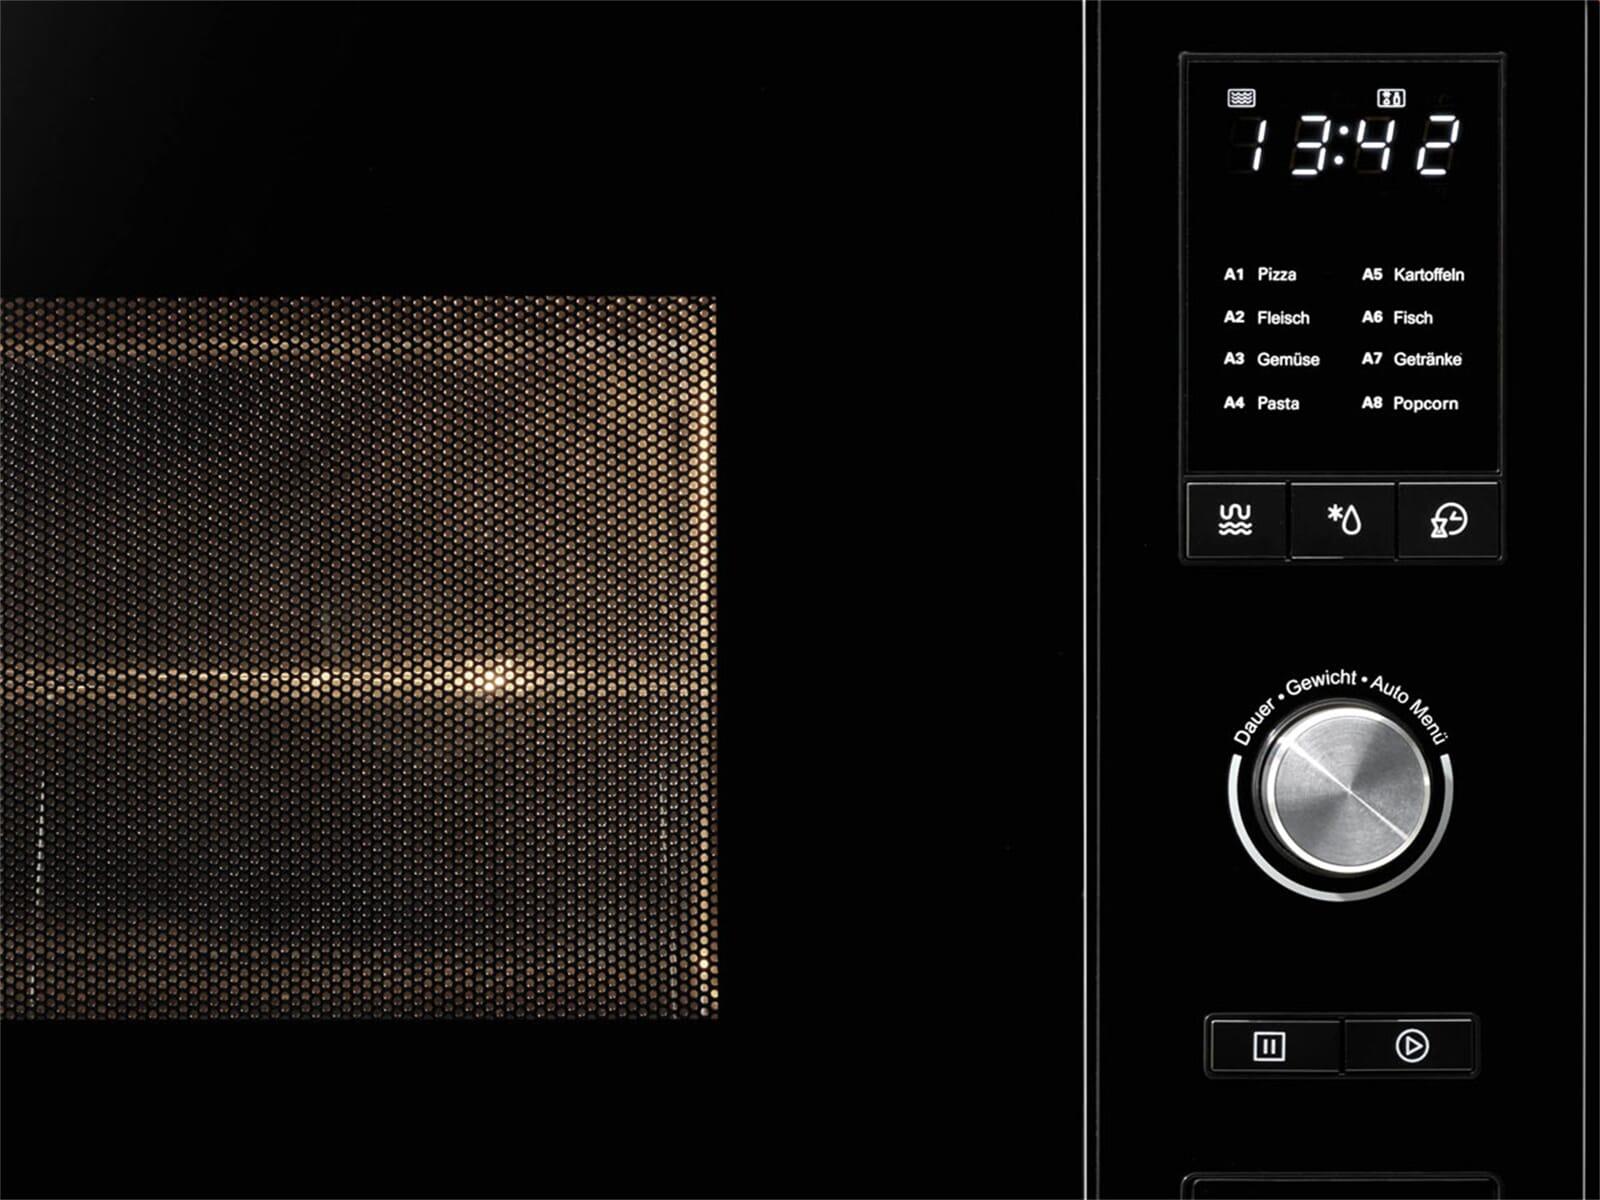 Oranier KMG 9802 - 9802 10 Einbau-Mikrowelle mit Grill Edelstahl/Schwarz